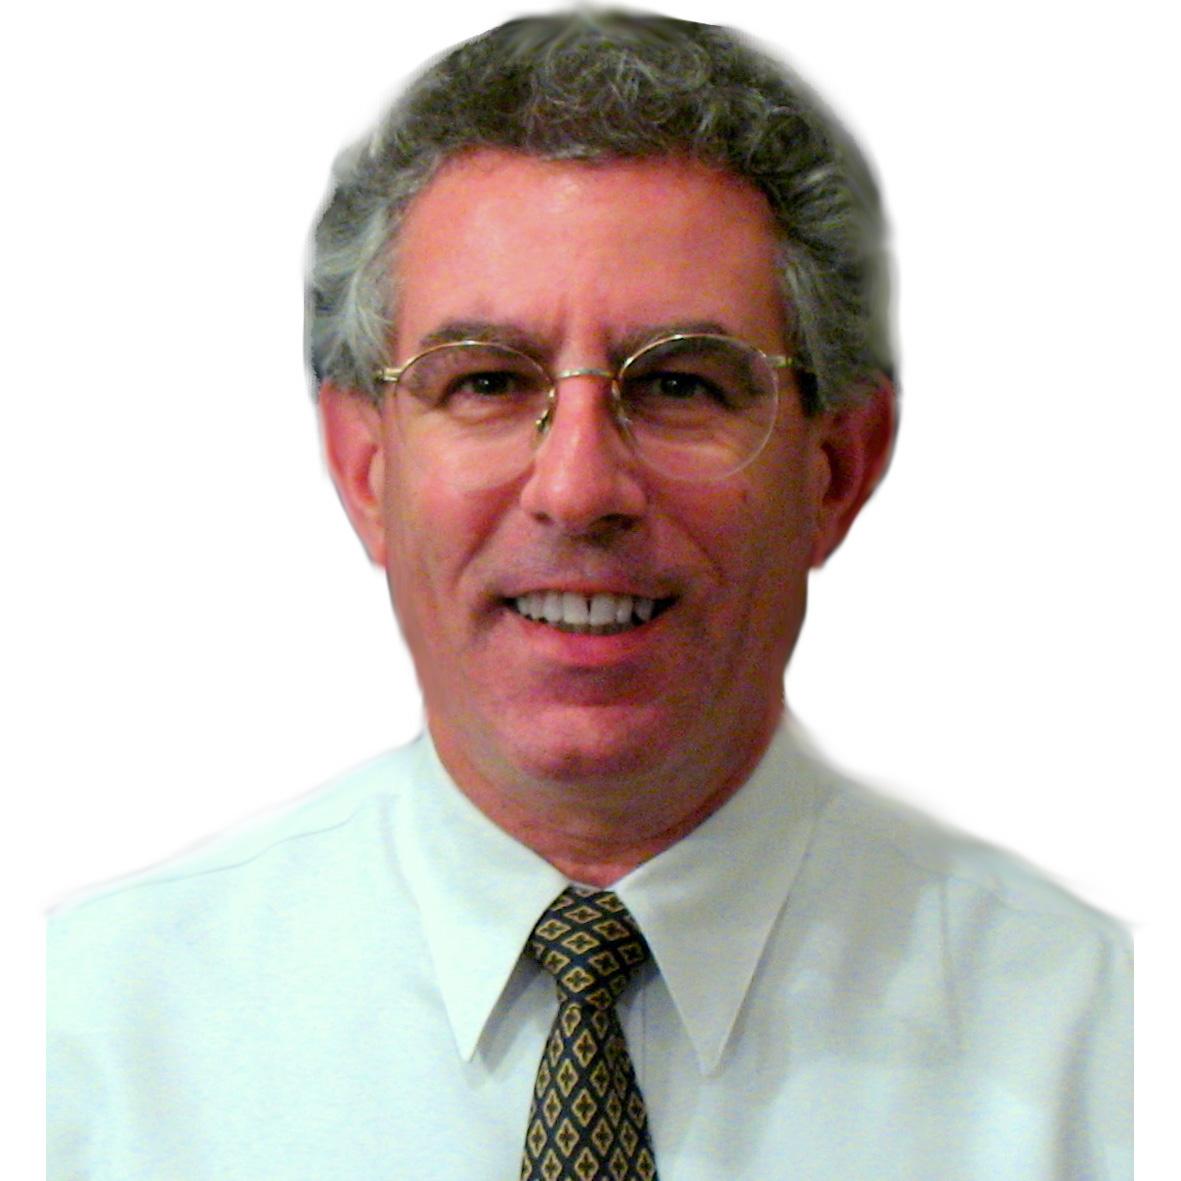 דוקטור דני מאור - תמונת פרופיל